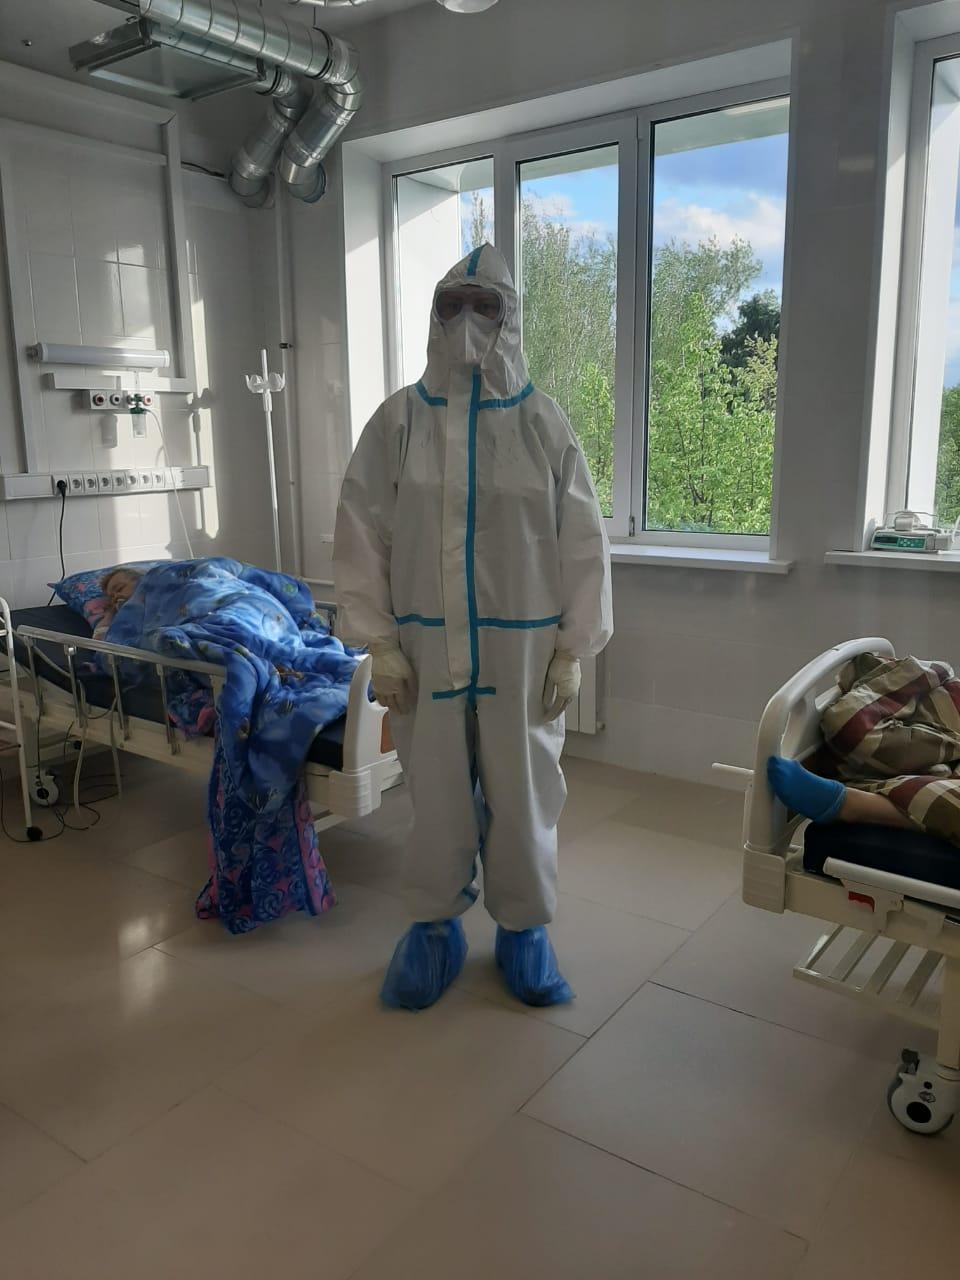 Несколько врачей ковид-госпиталя заразились в начале пандемии, когда средства защиты были хуже, говорит Ирина